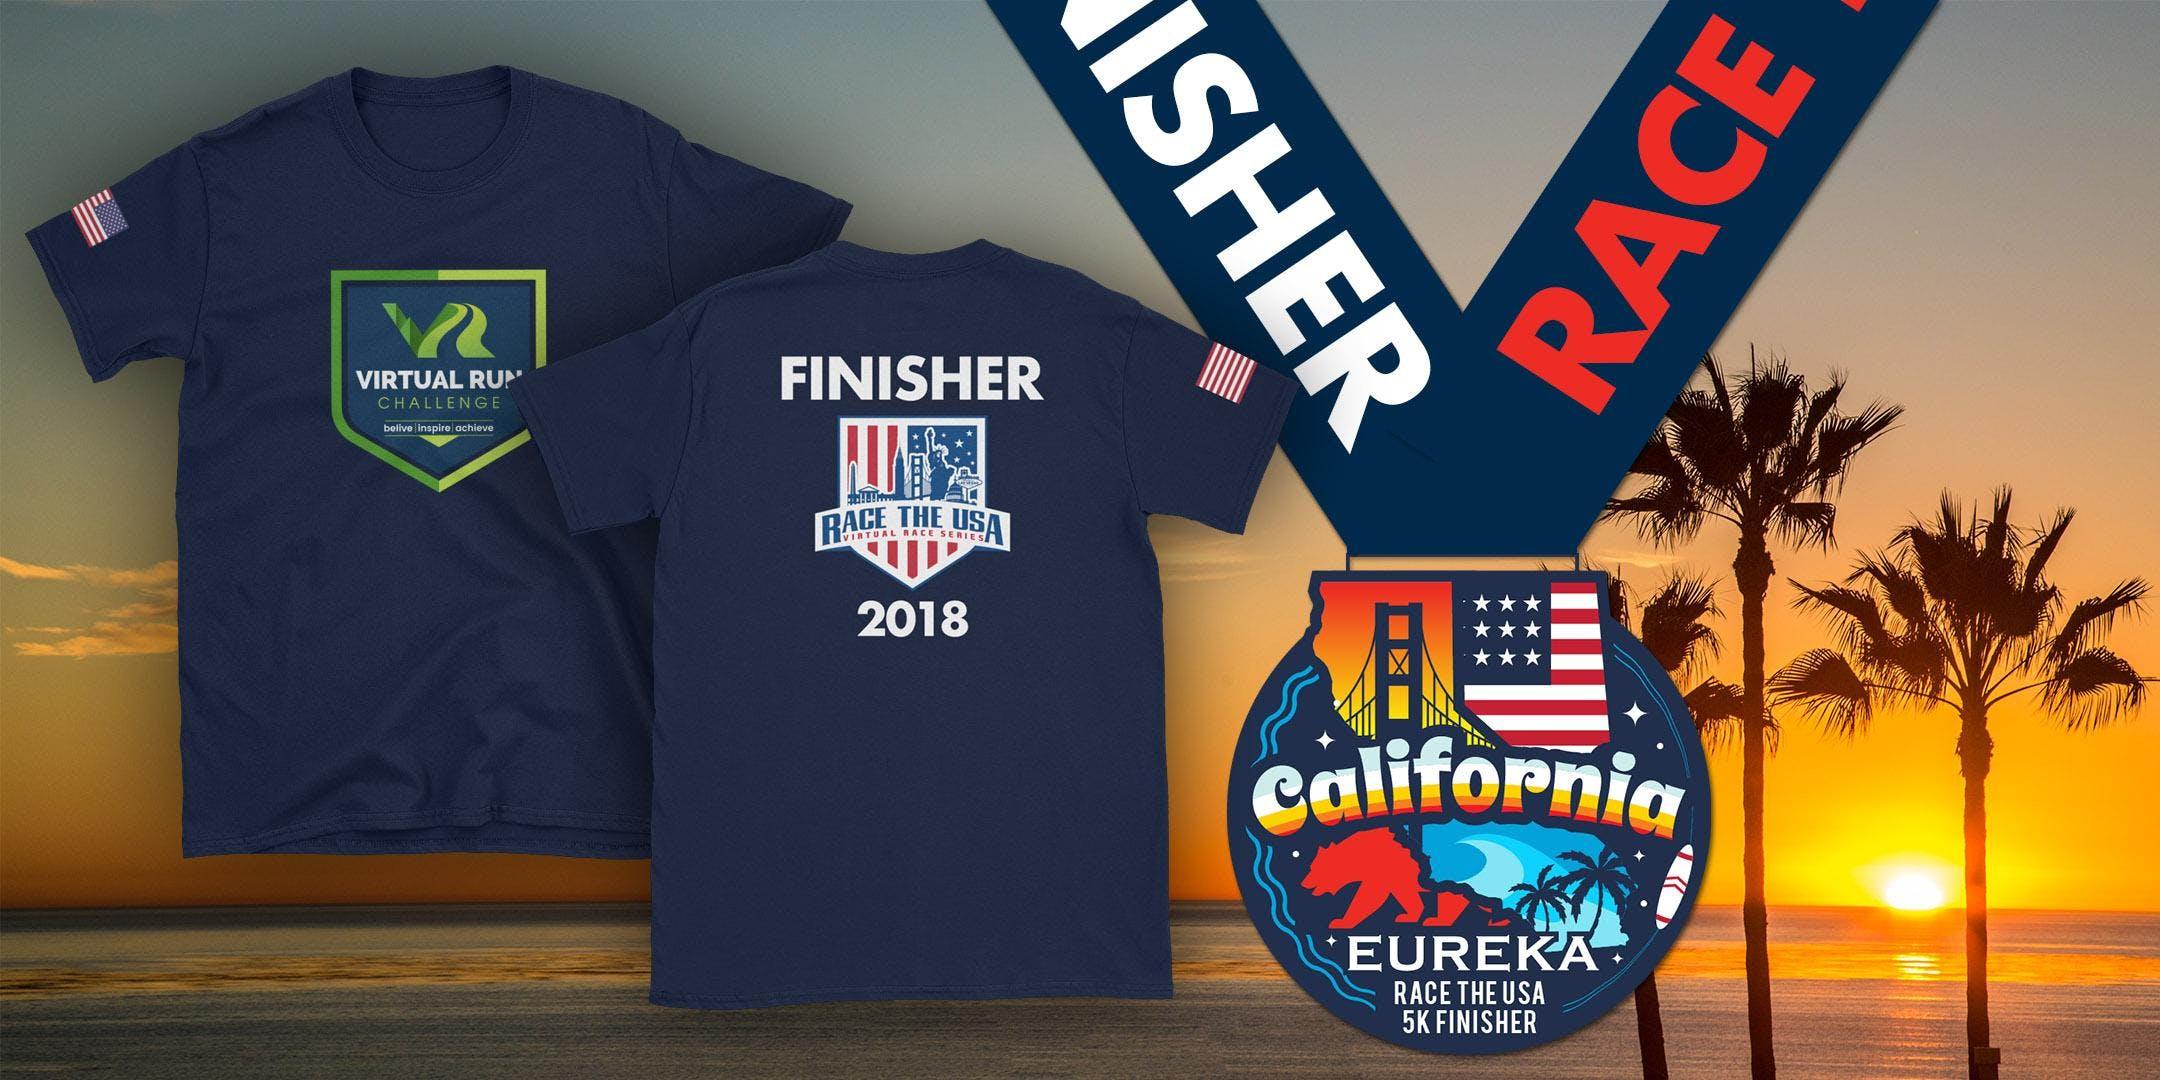 Race the USA California Virtual 5k Run/Walk - Whittier